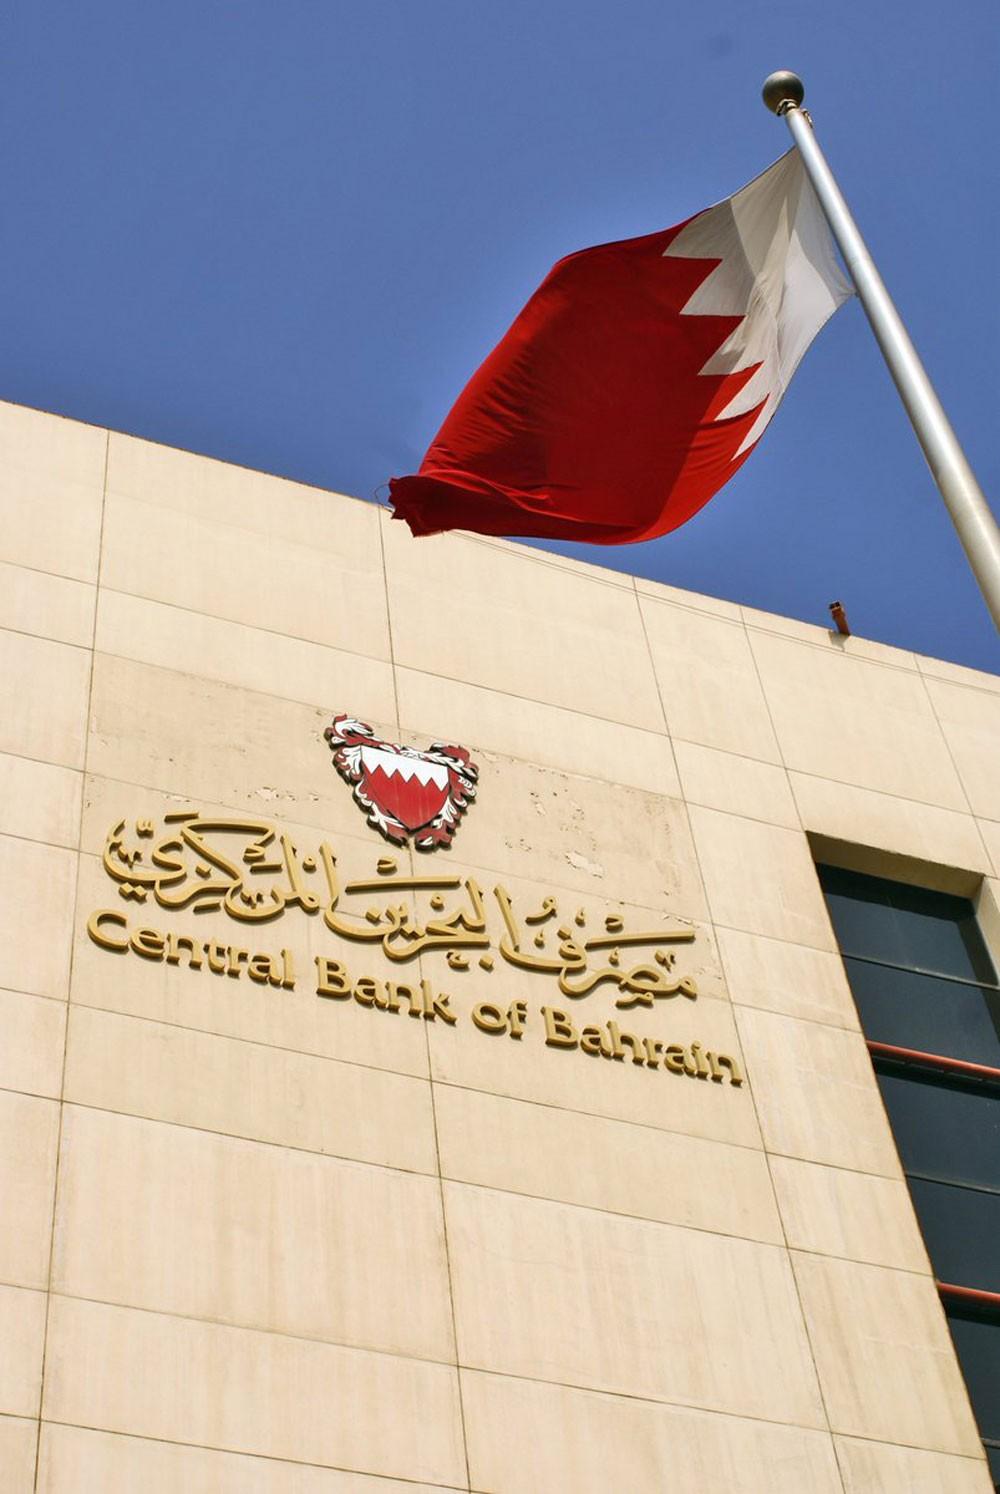 المصرف المركزي يعلن تغطية الإصدار رقم 48 من الخزانة الحكومية